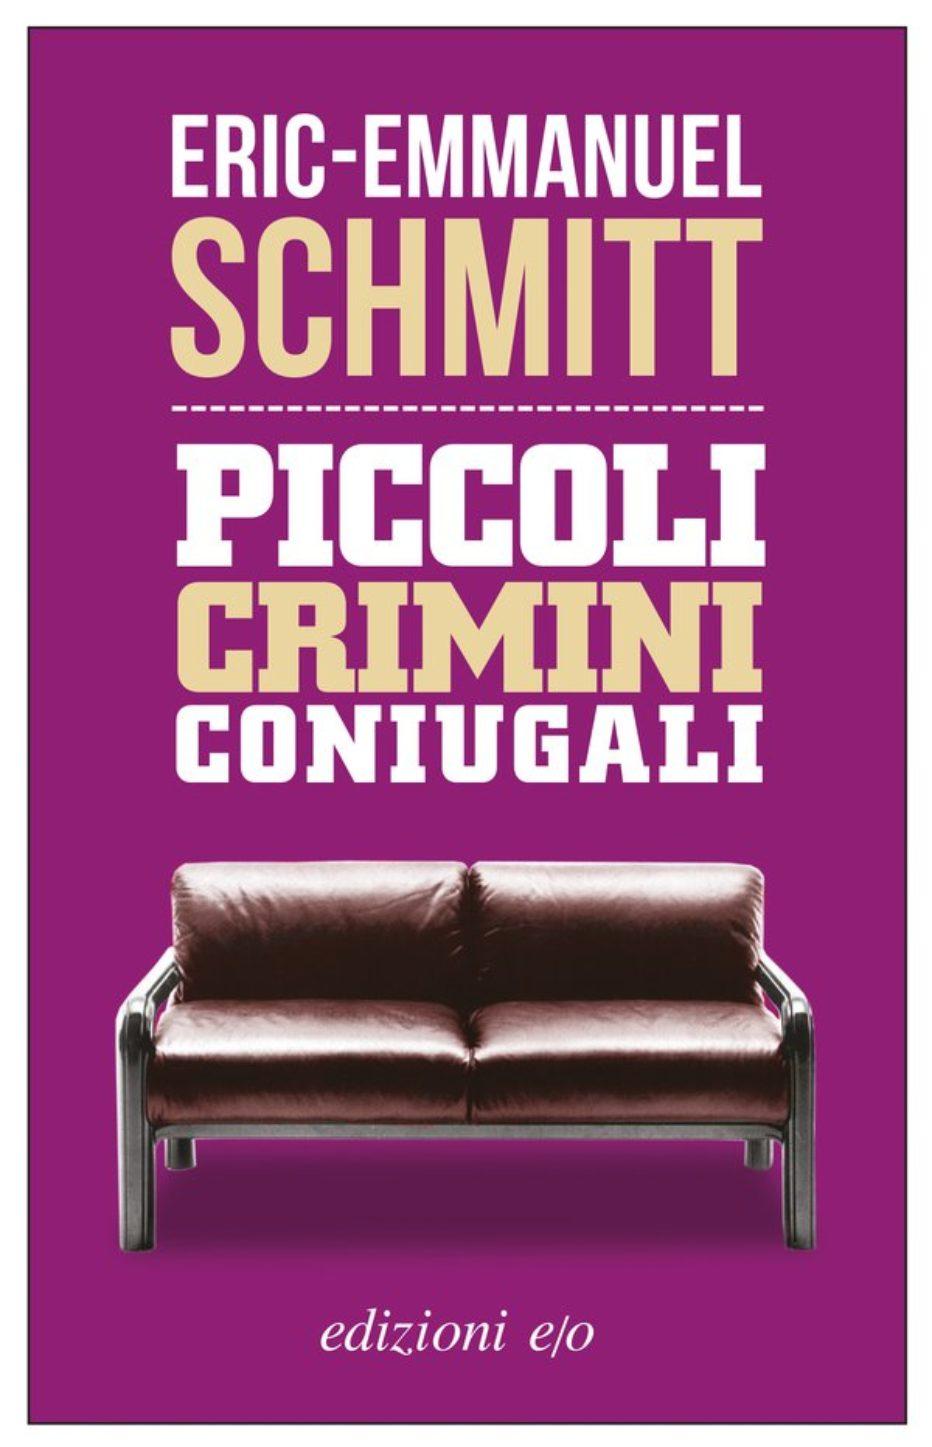 """"""" PICCOLI CRIMINI CONIUGALI"""" DI ERIC-EMMANUEL SCHMITT: IL NUOVO SPETTACOLO DELL'ASSOCIAZIONE CULTURALE REPEAT."""